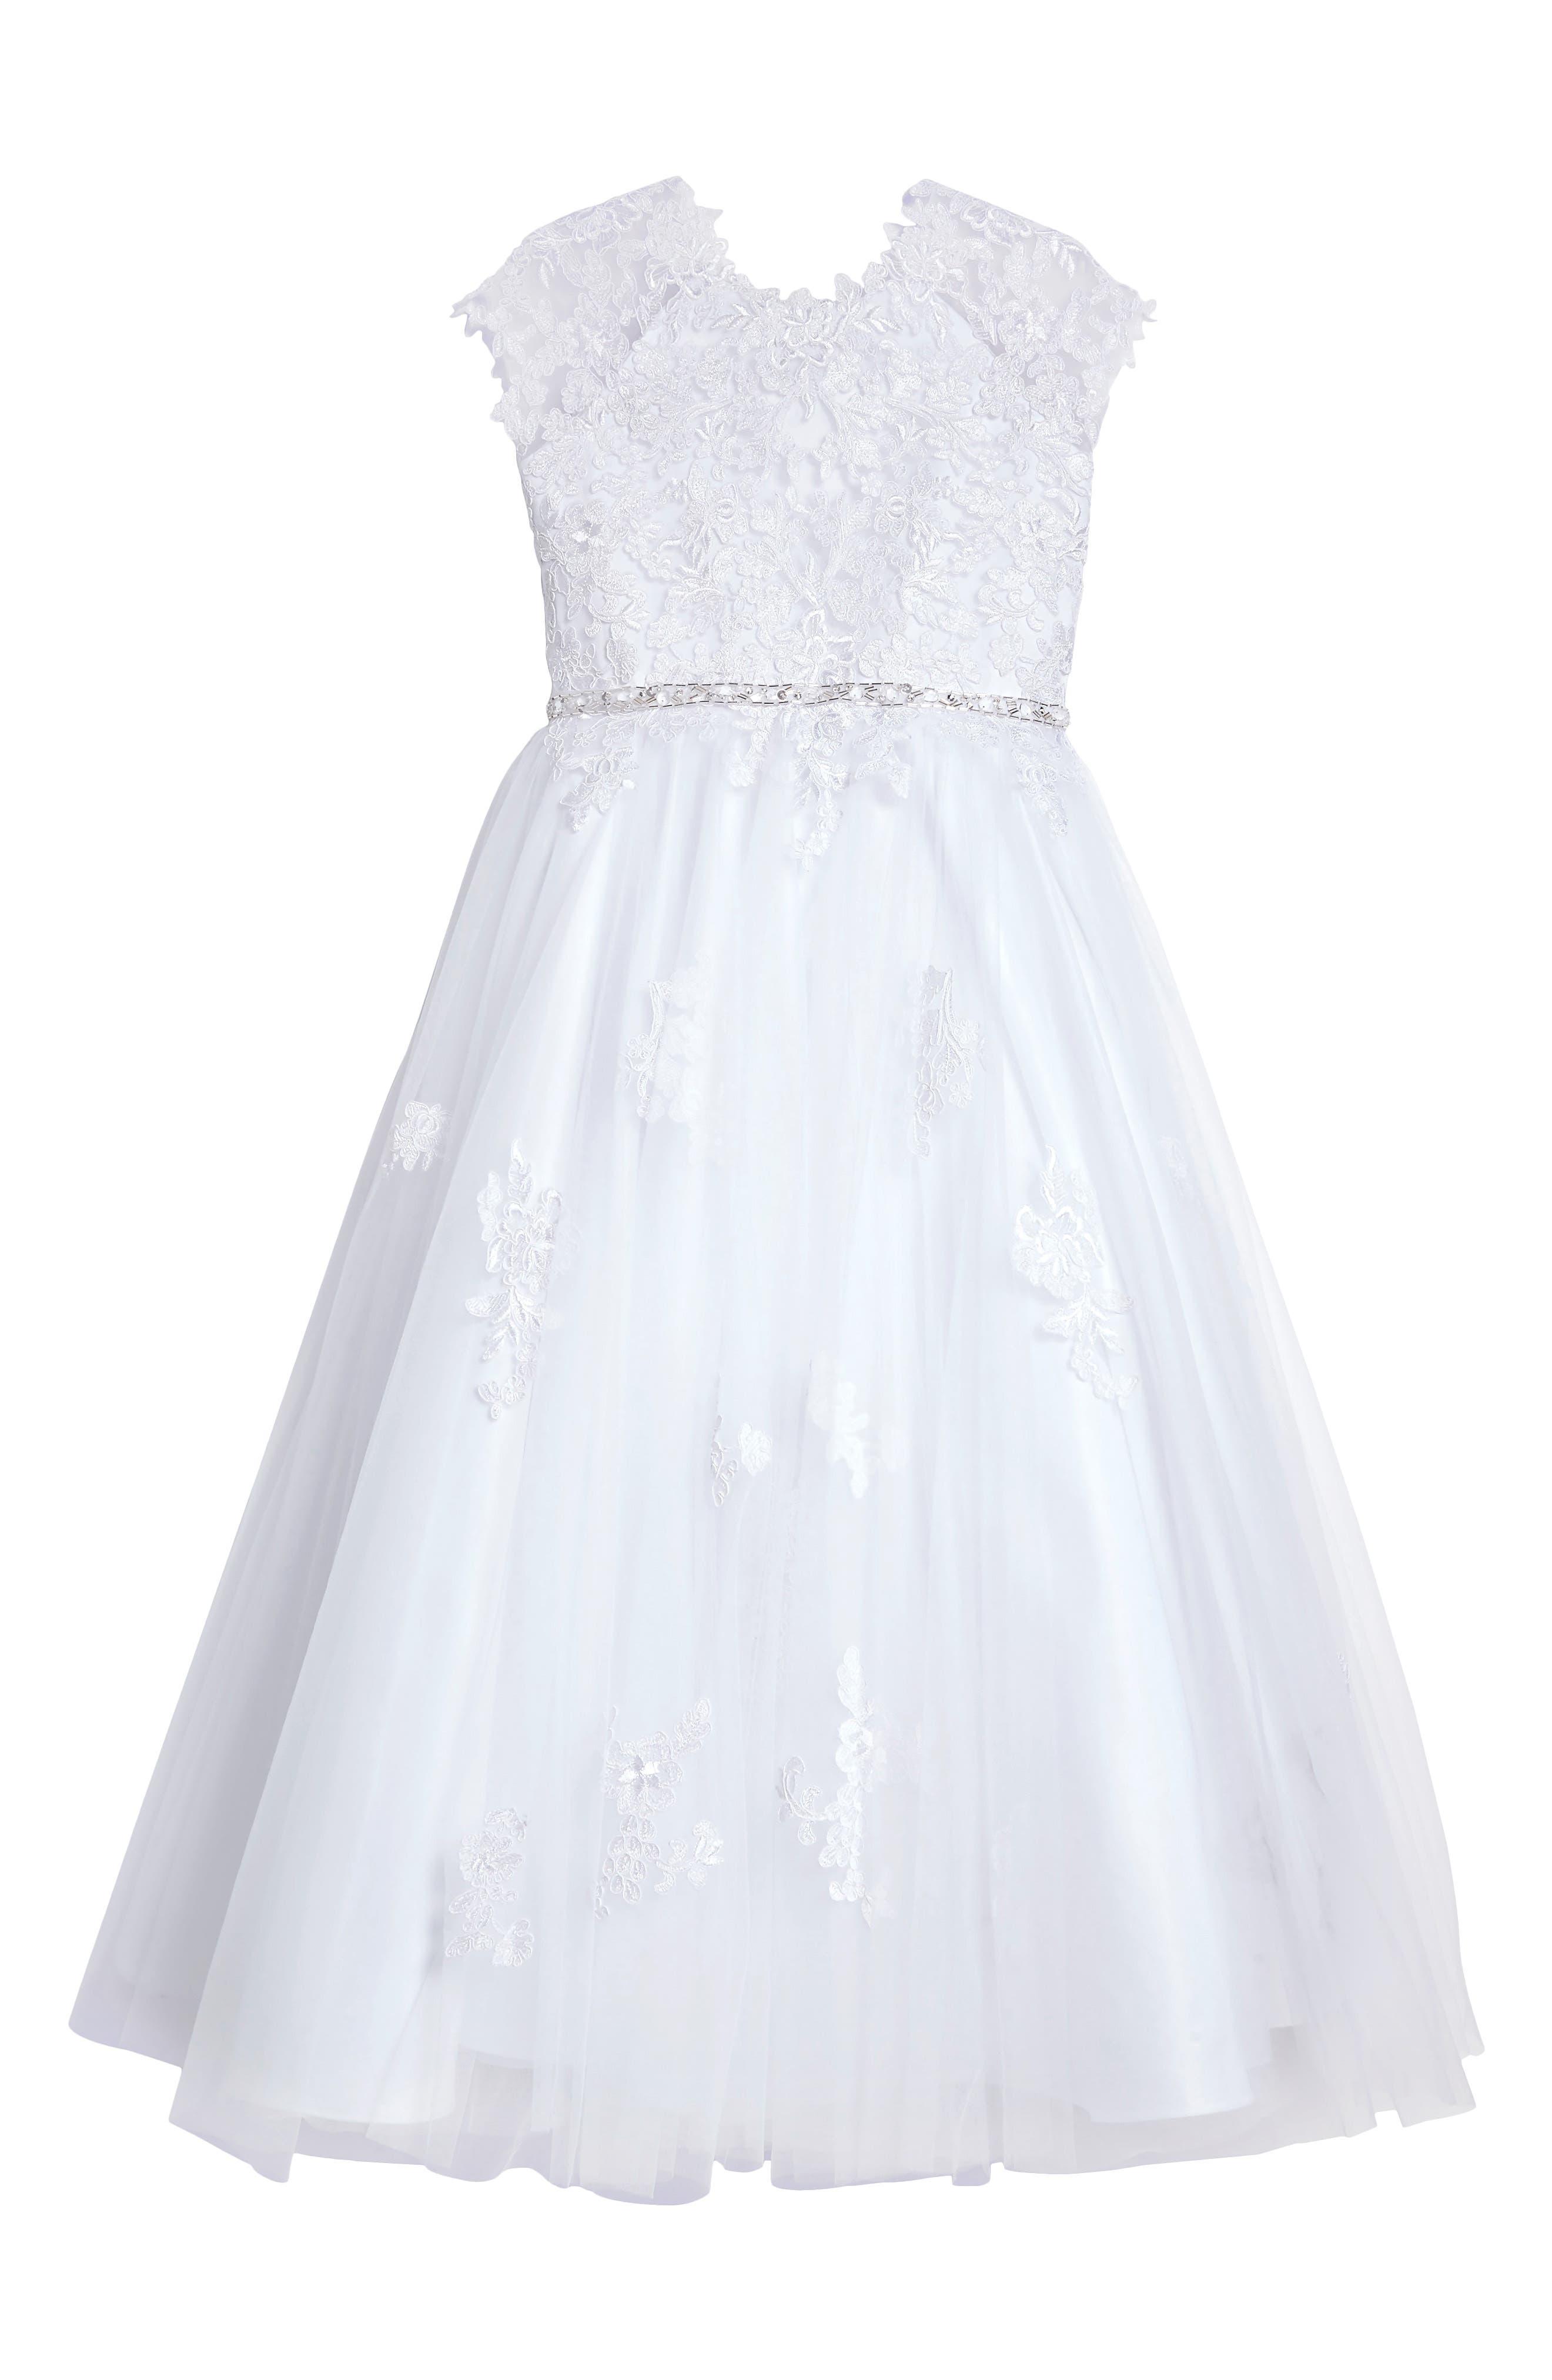 Lace Appliqué Tulle First Communion Dress,                             Main thumbnail 1, color,